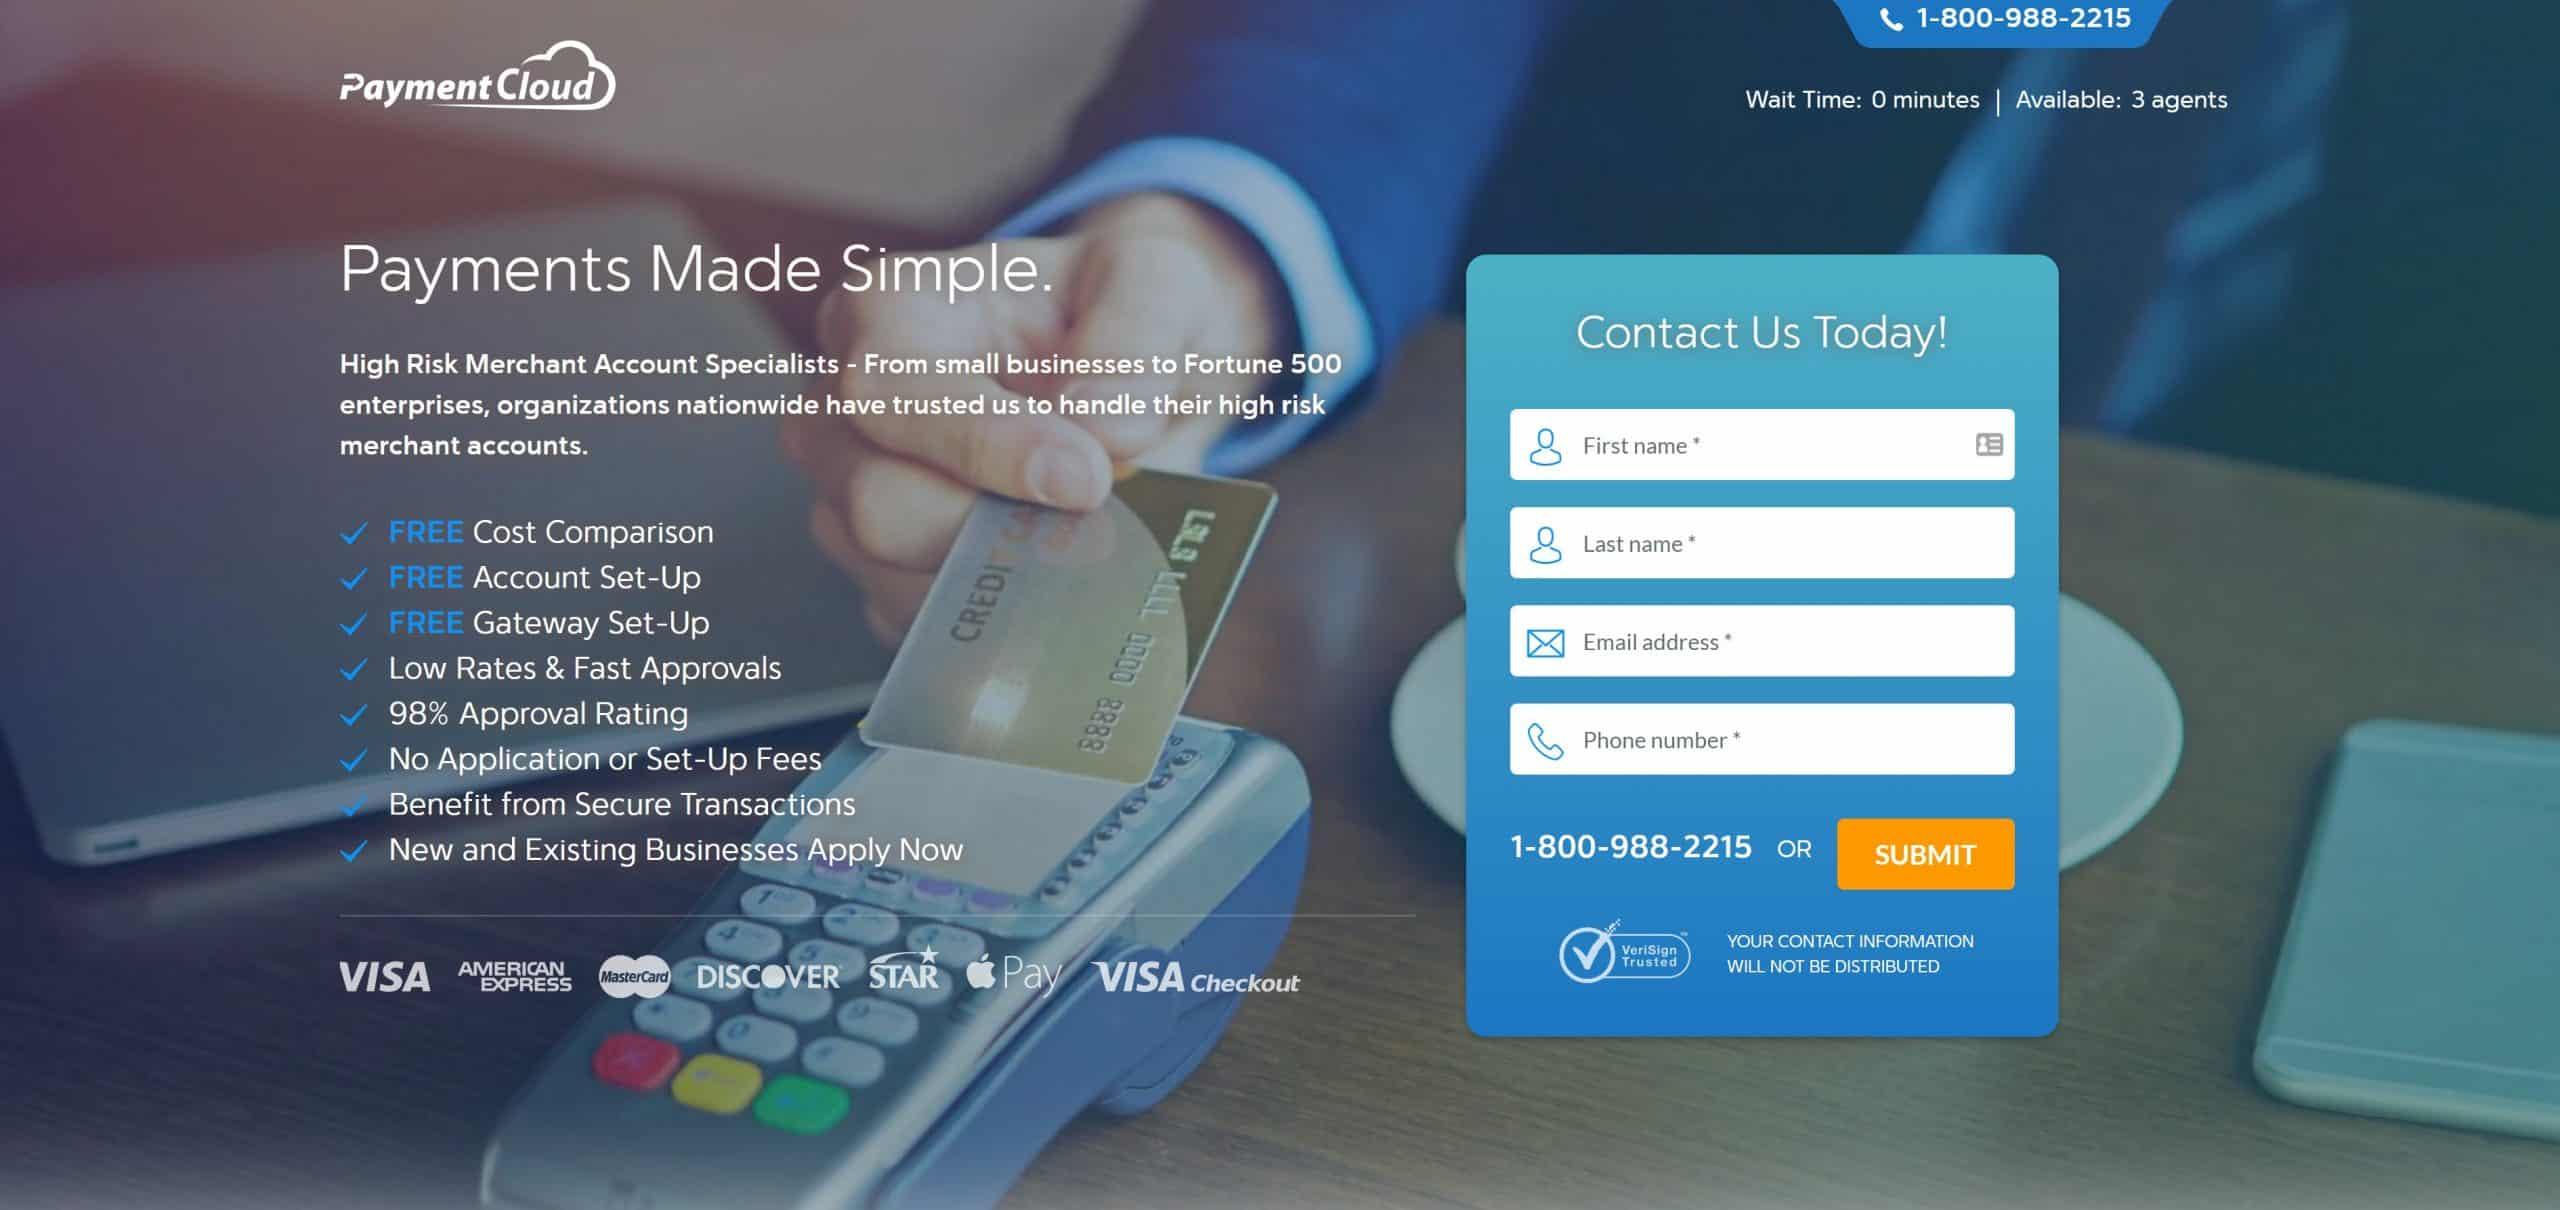 PaymentCloud Screenshot